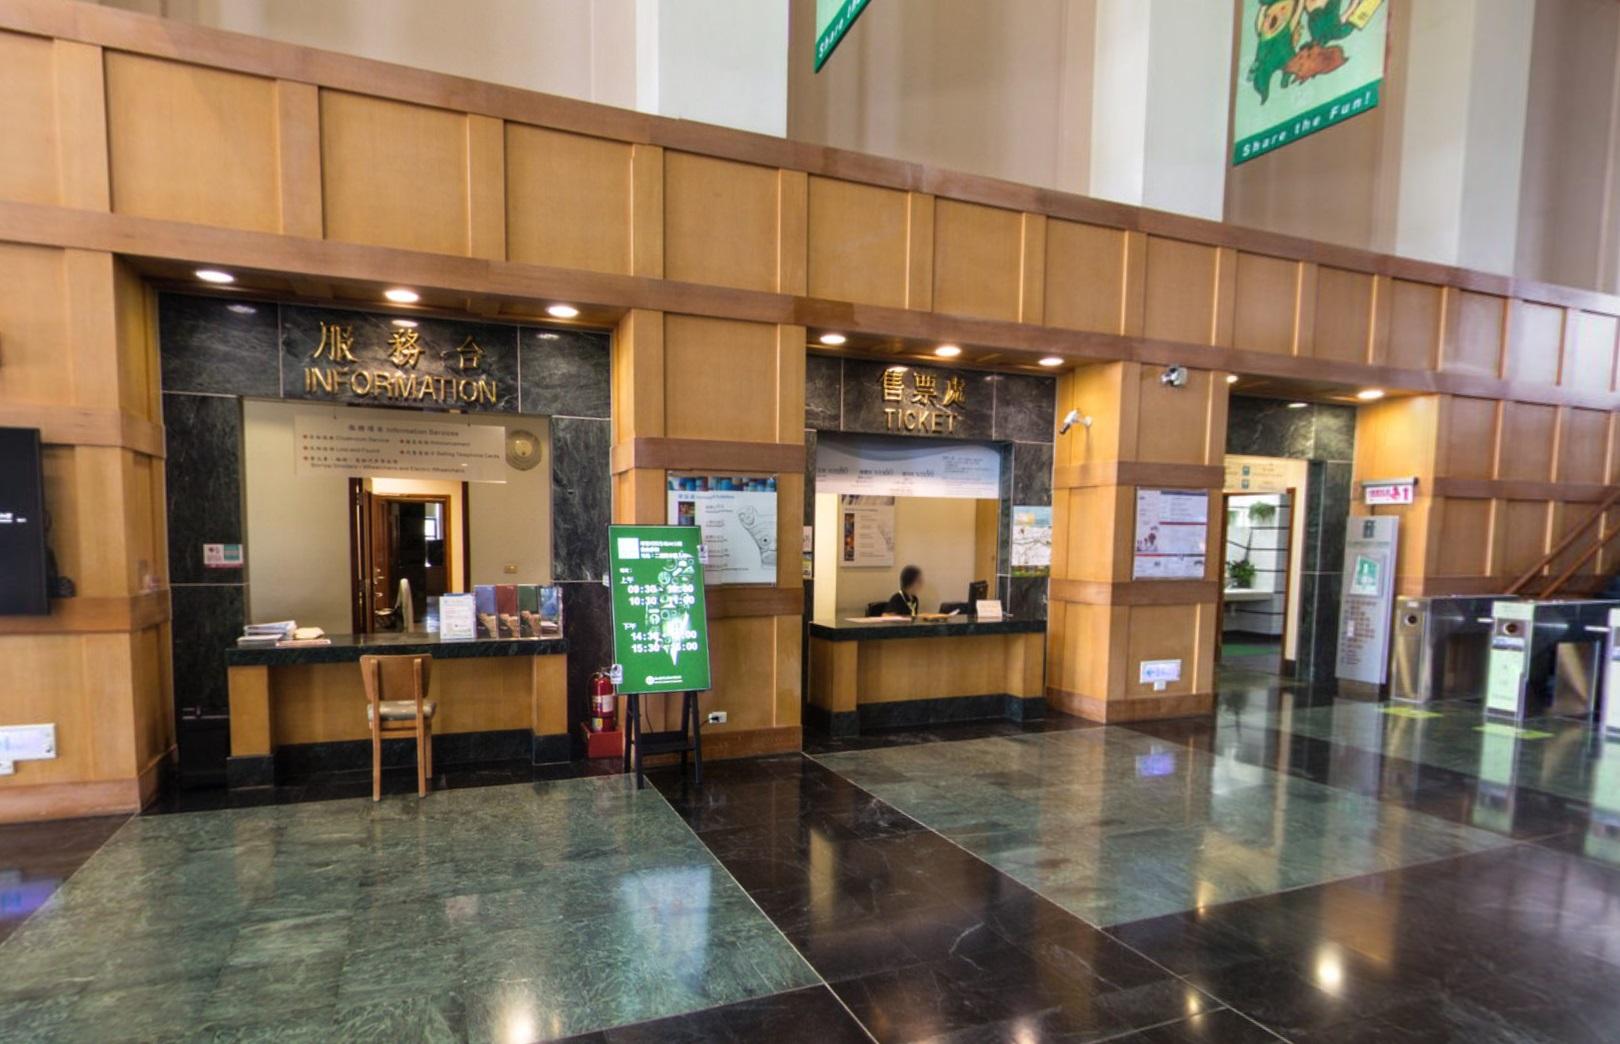 服務台在大門的左手邊,緊鄰售票處